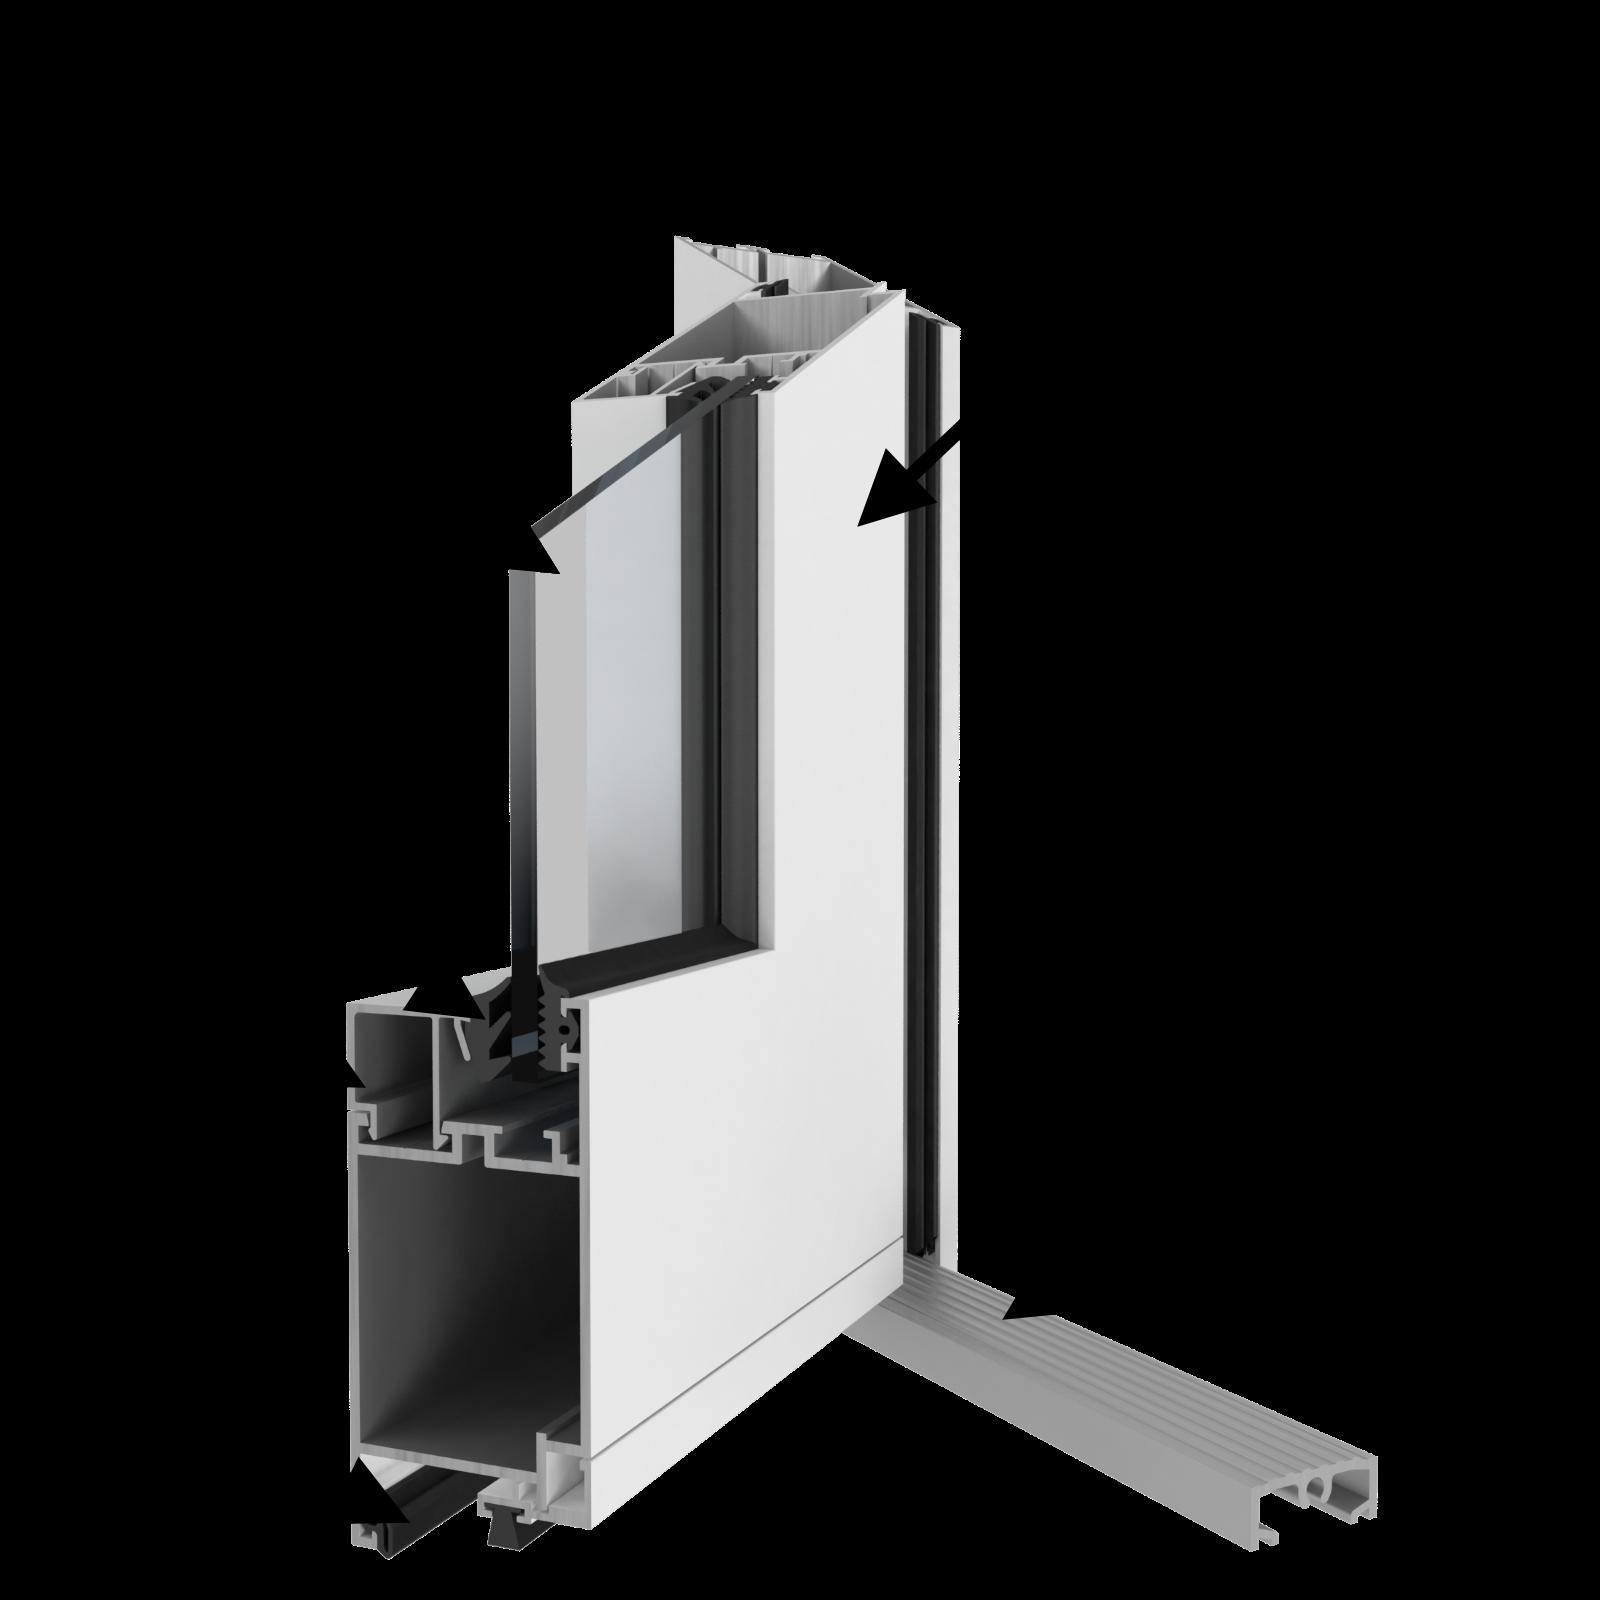 структурная схема холодной алюминиевой двери